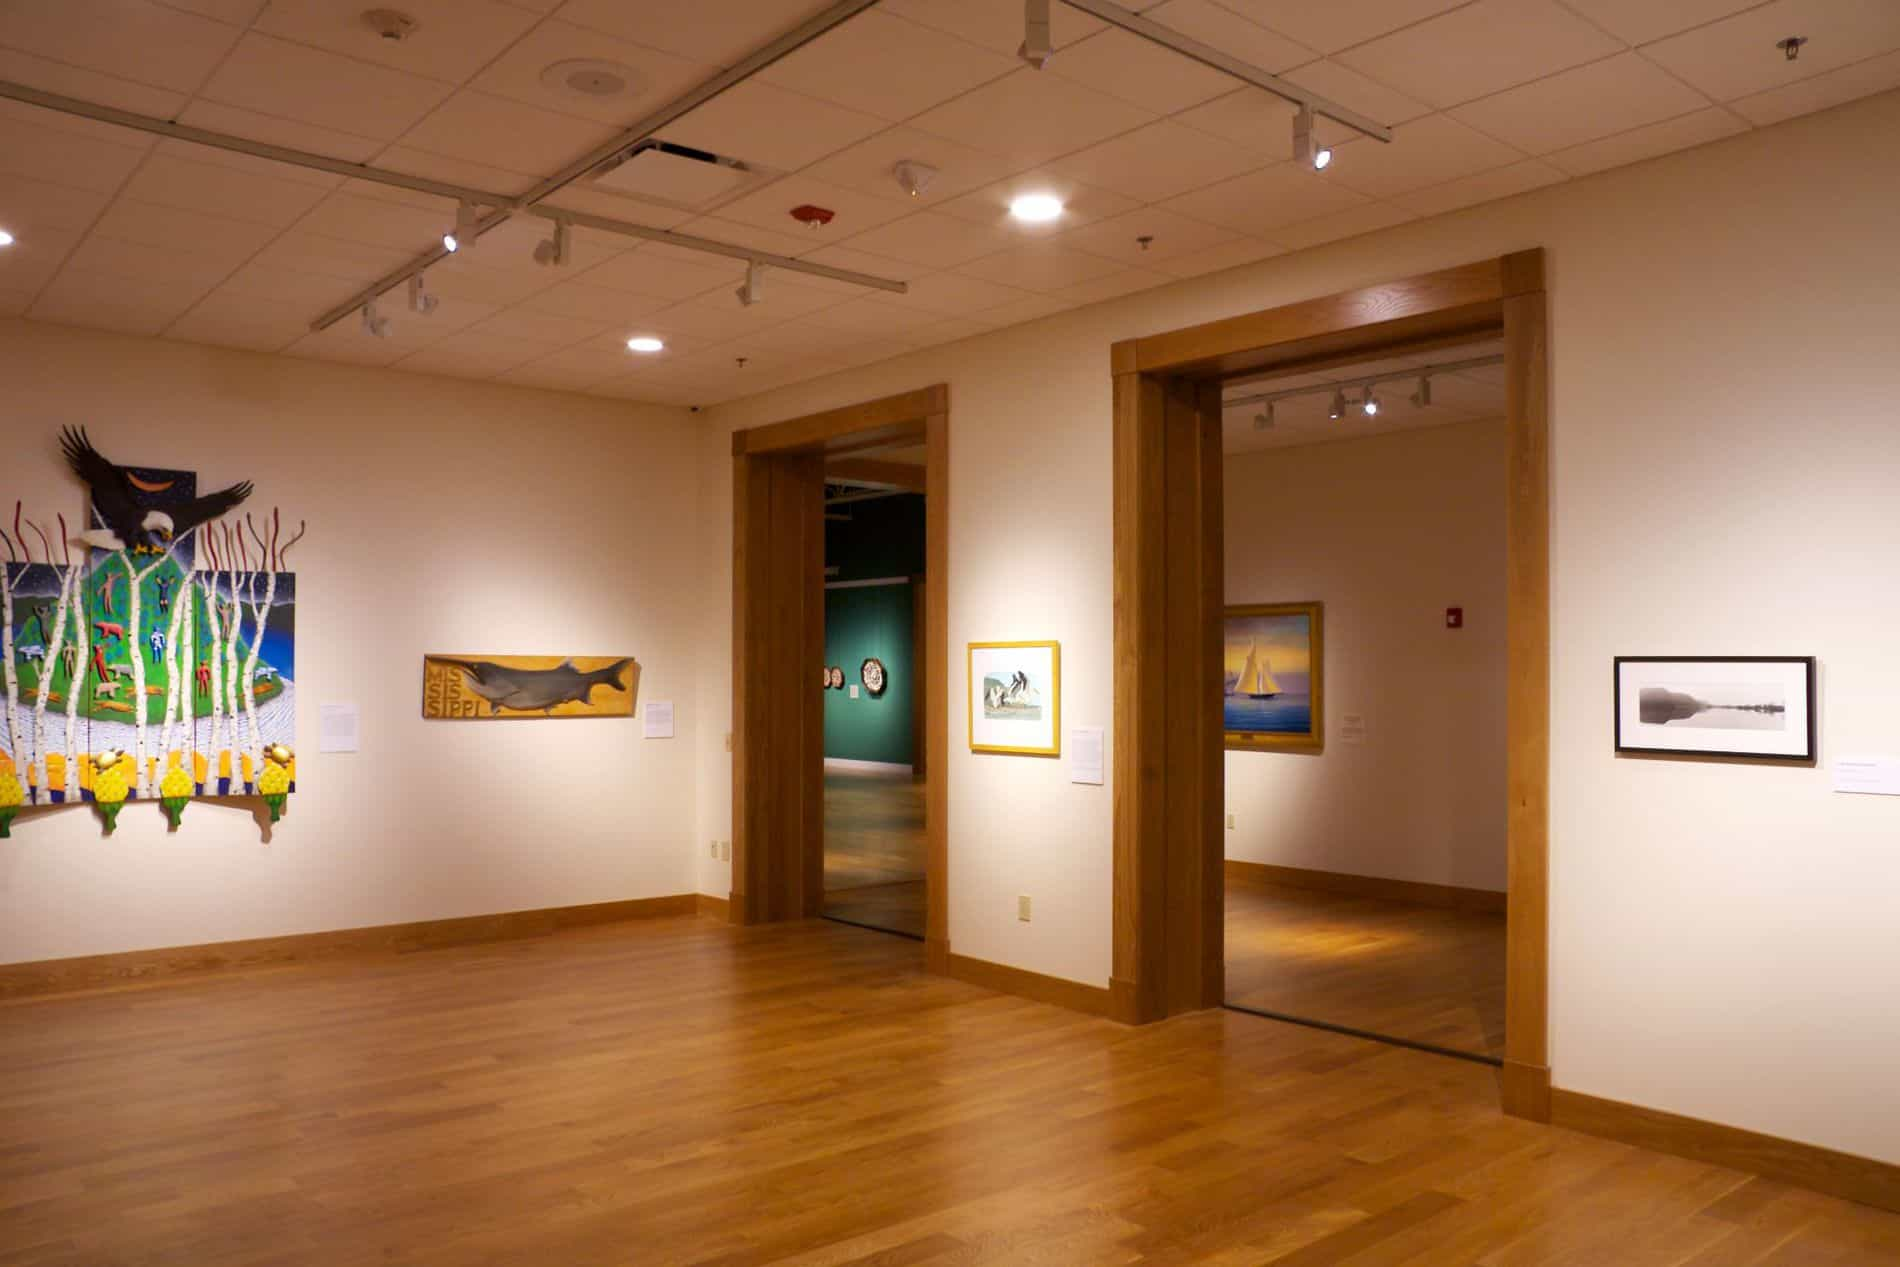 IMGMN Marine Art Museum_1379